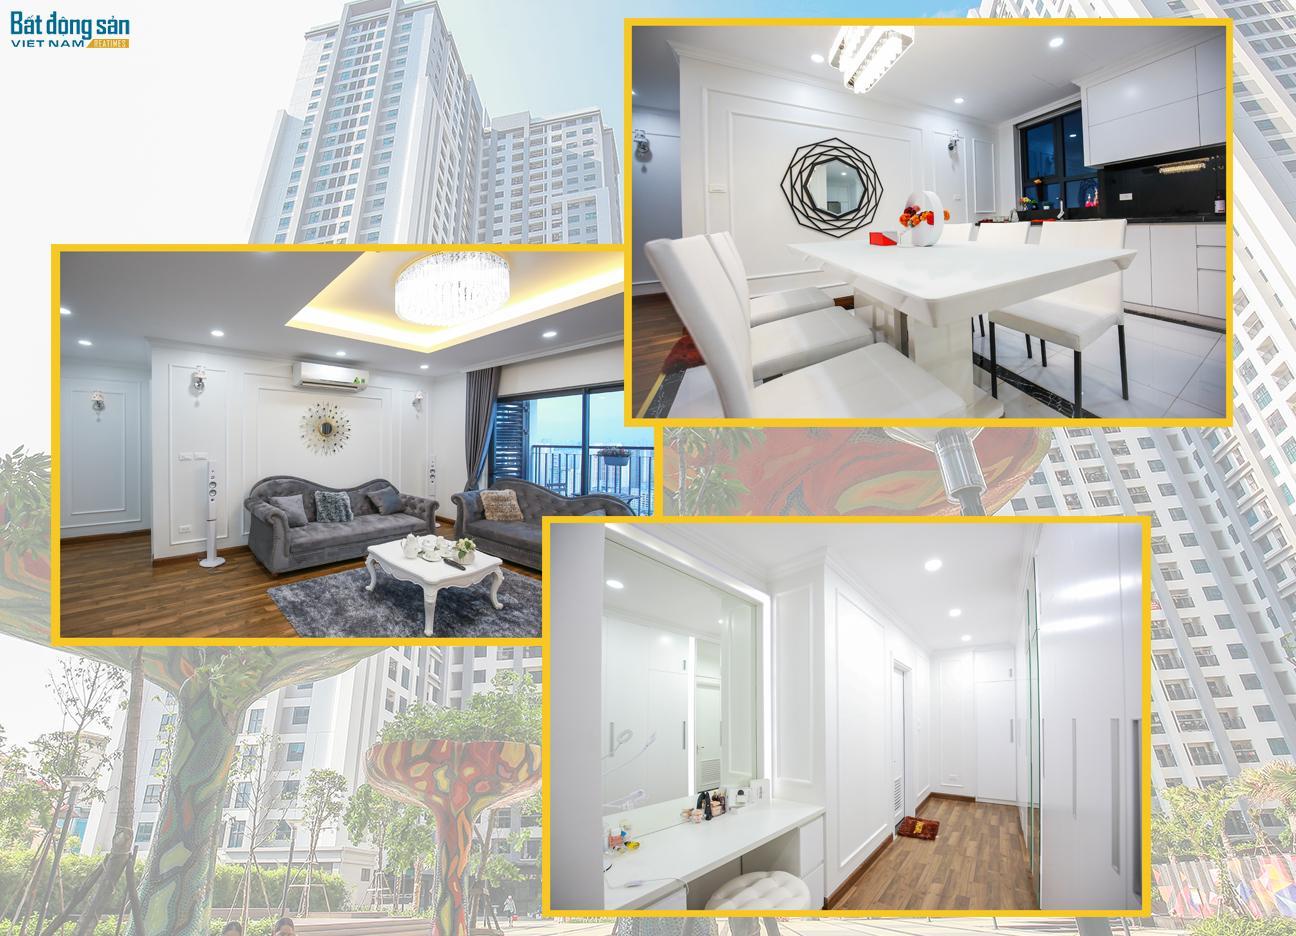 Nhắm mắt thấy... tình yêu trong căn chung cư cao cấp toàn màu trắng cặp vợ chồng trẻ tự thiết kế